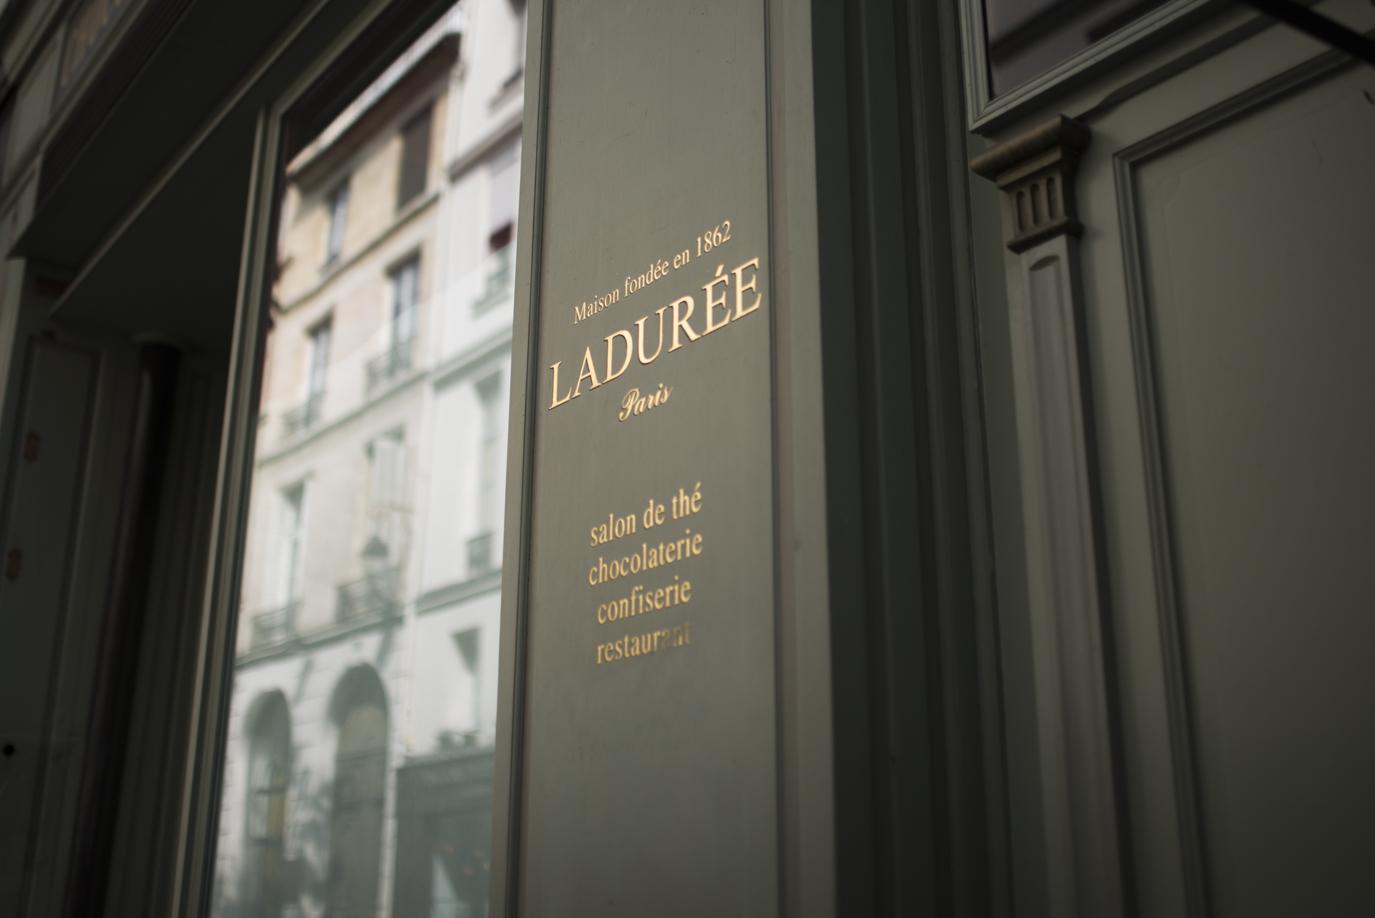 My love. Ladurée